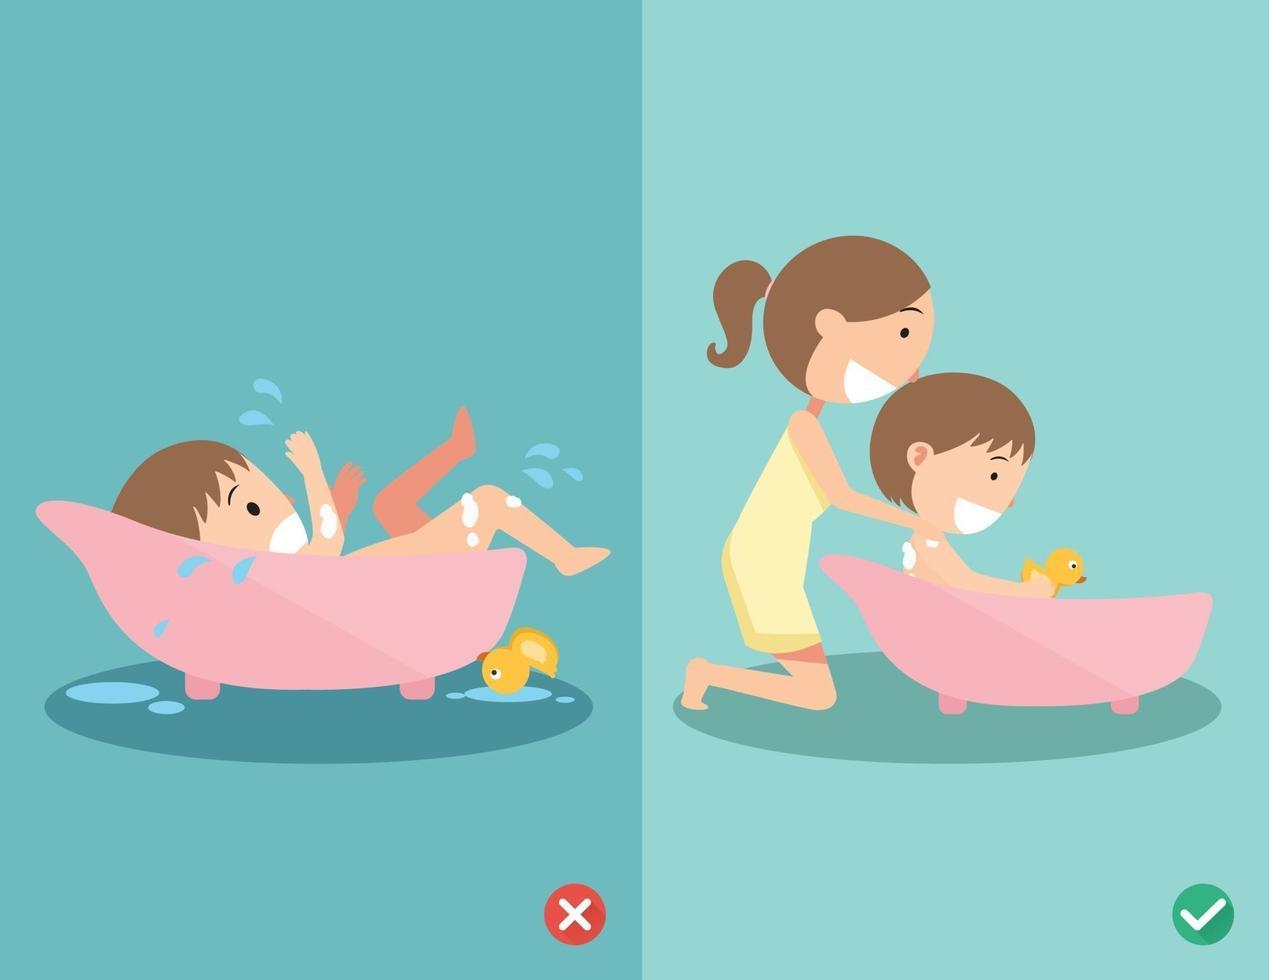 maneiras certas e erradas de dar banho em seu bebê com segurança vetor